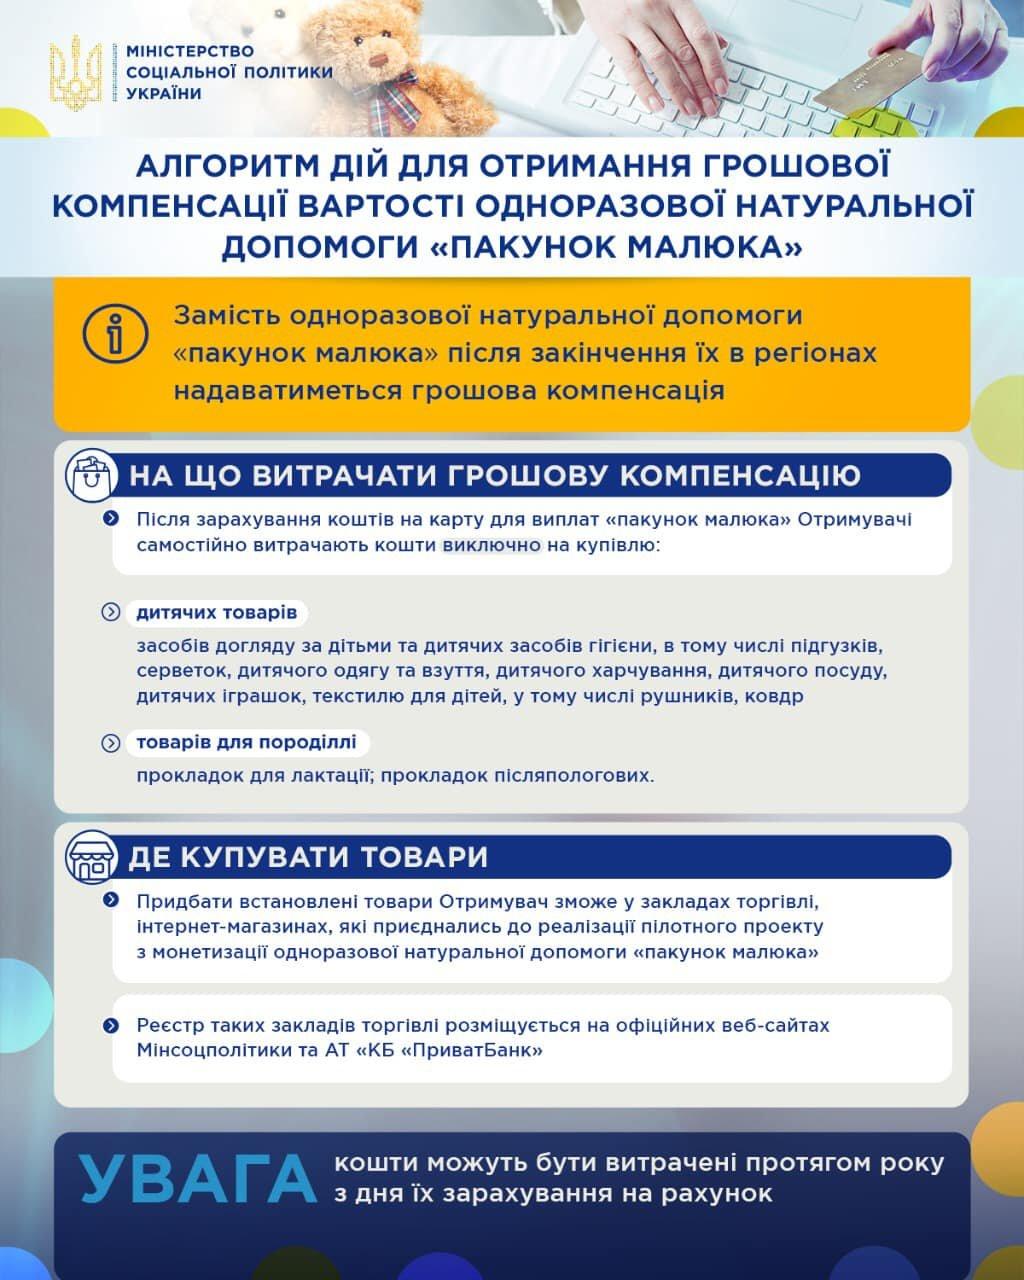 З 1 вересня стартує пілотний проект монетизації вартості «пакунків малюка» у 2020 - 2021 роках: як батькам отримати кошти, фото-5